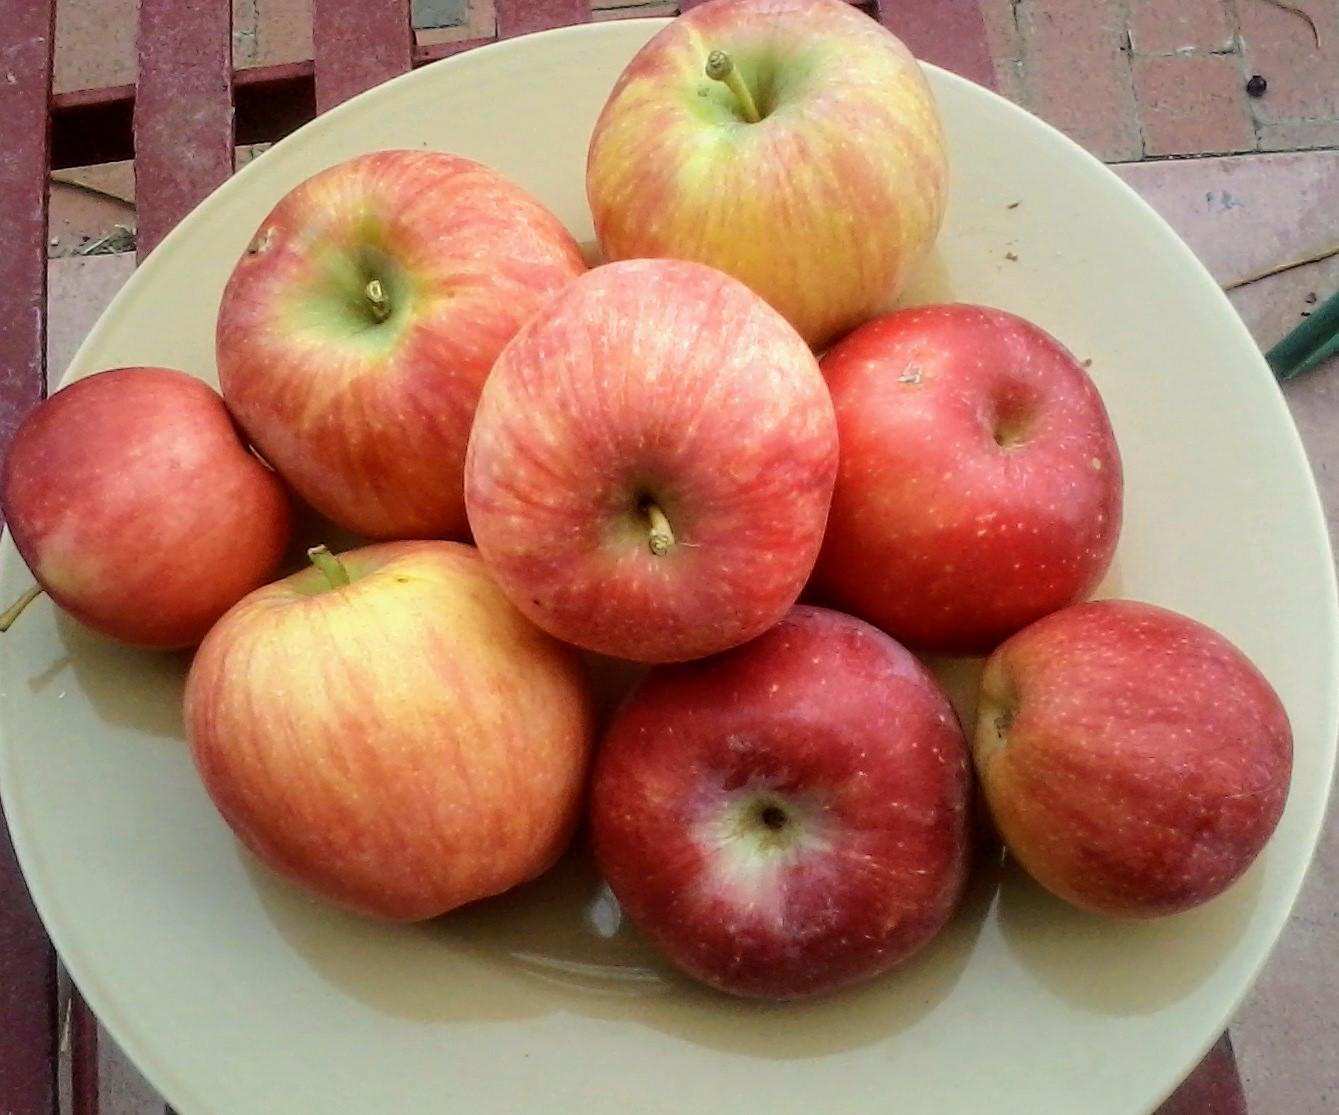 Apples, WAF